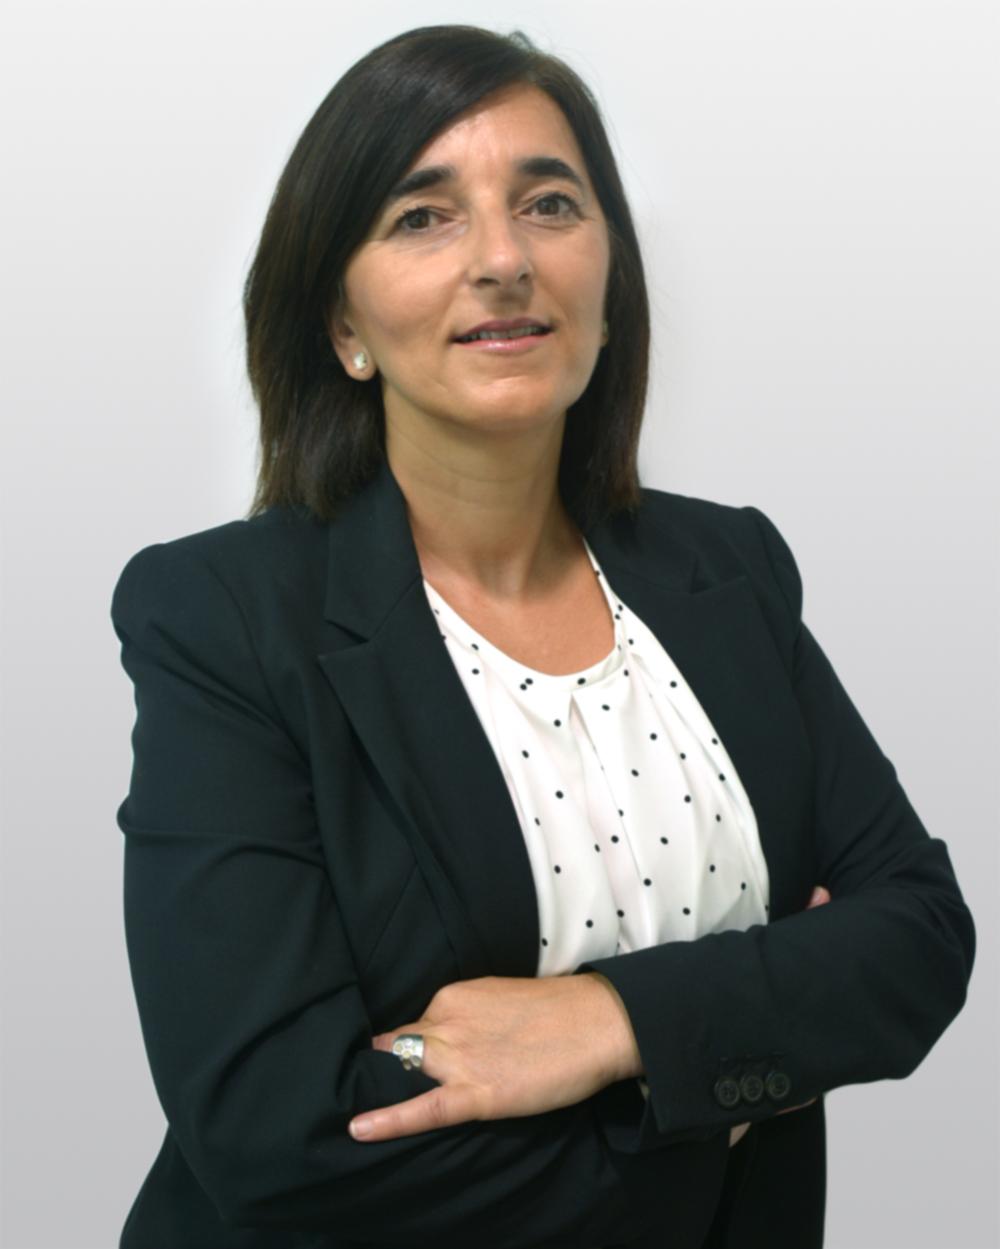 Marga Suazo